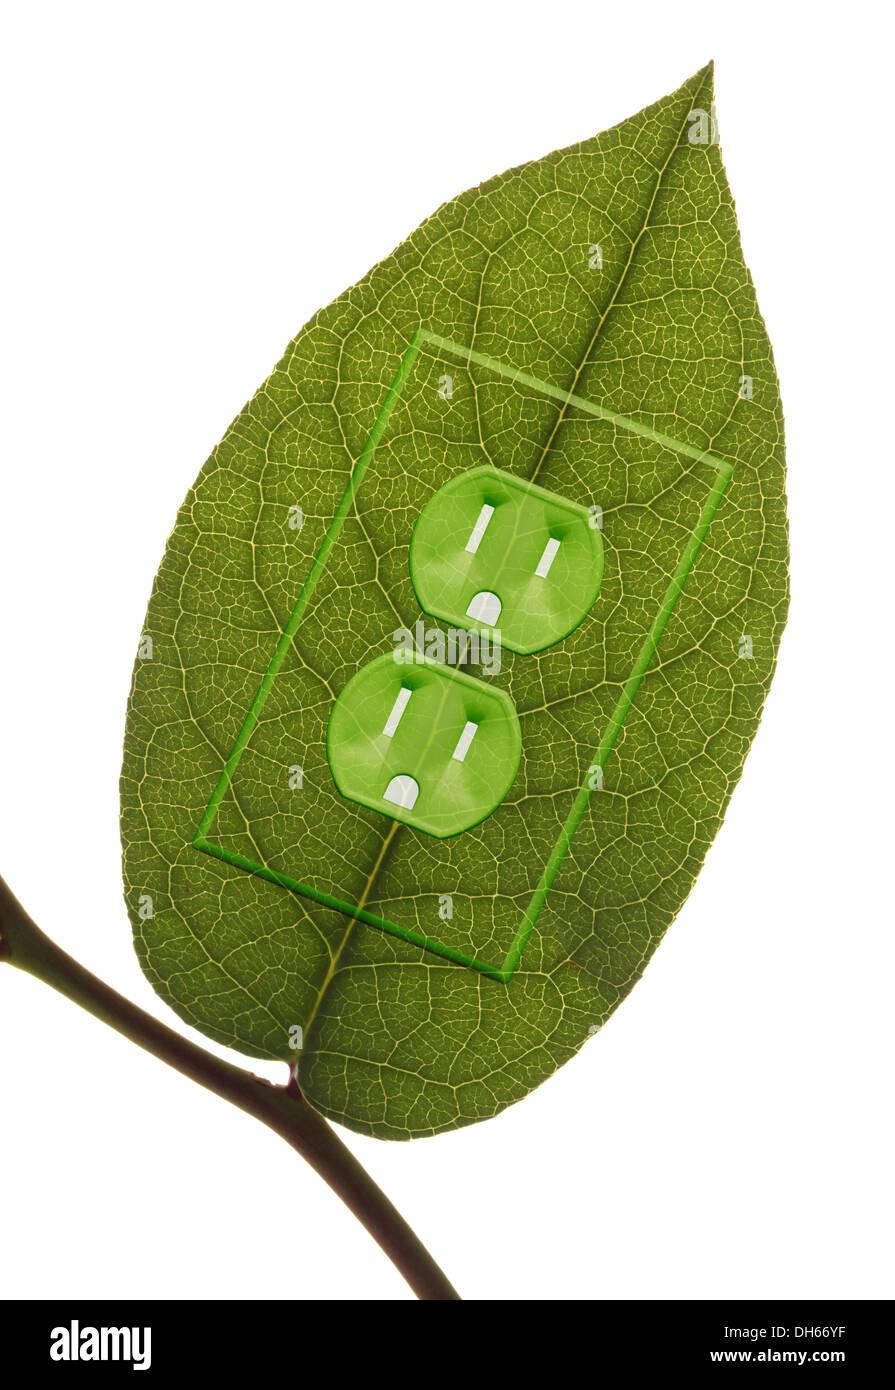 Eine grüne Pflanze Blatt auf einem Zweig mit grünen farbigen Steckdosen hinzugefügt. Stockbild